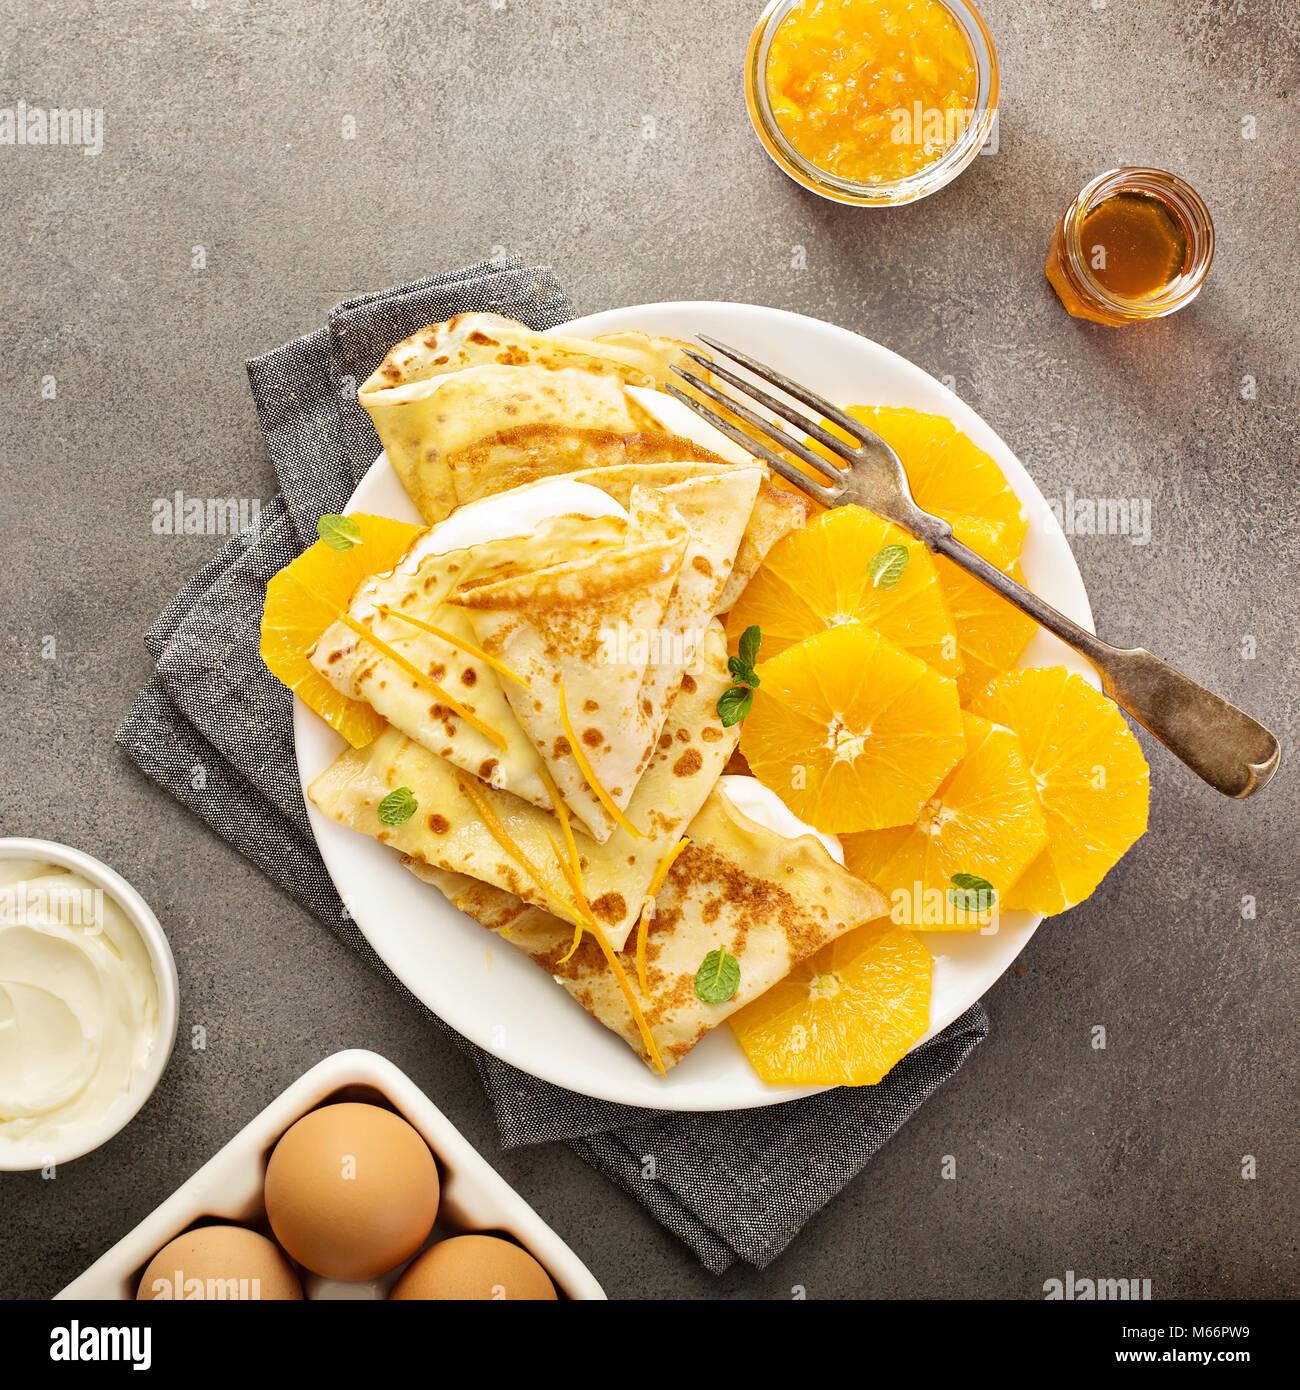 Lemon Crepes With Lemon Creme And Fruit Compote